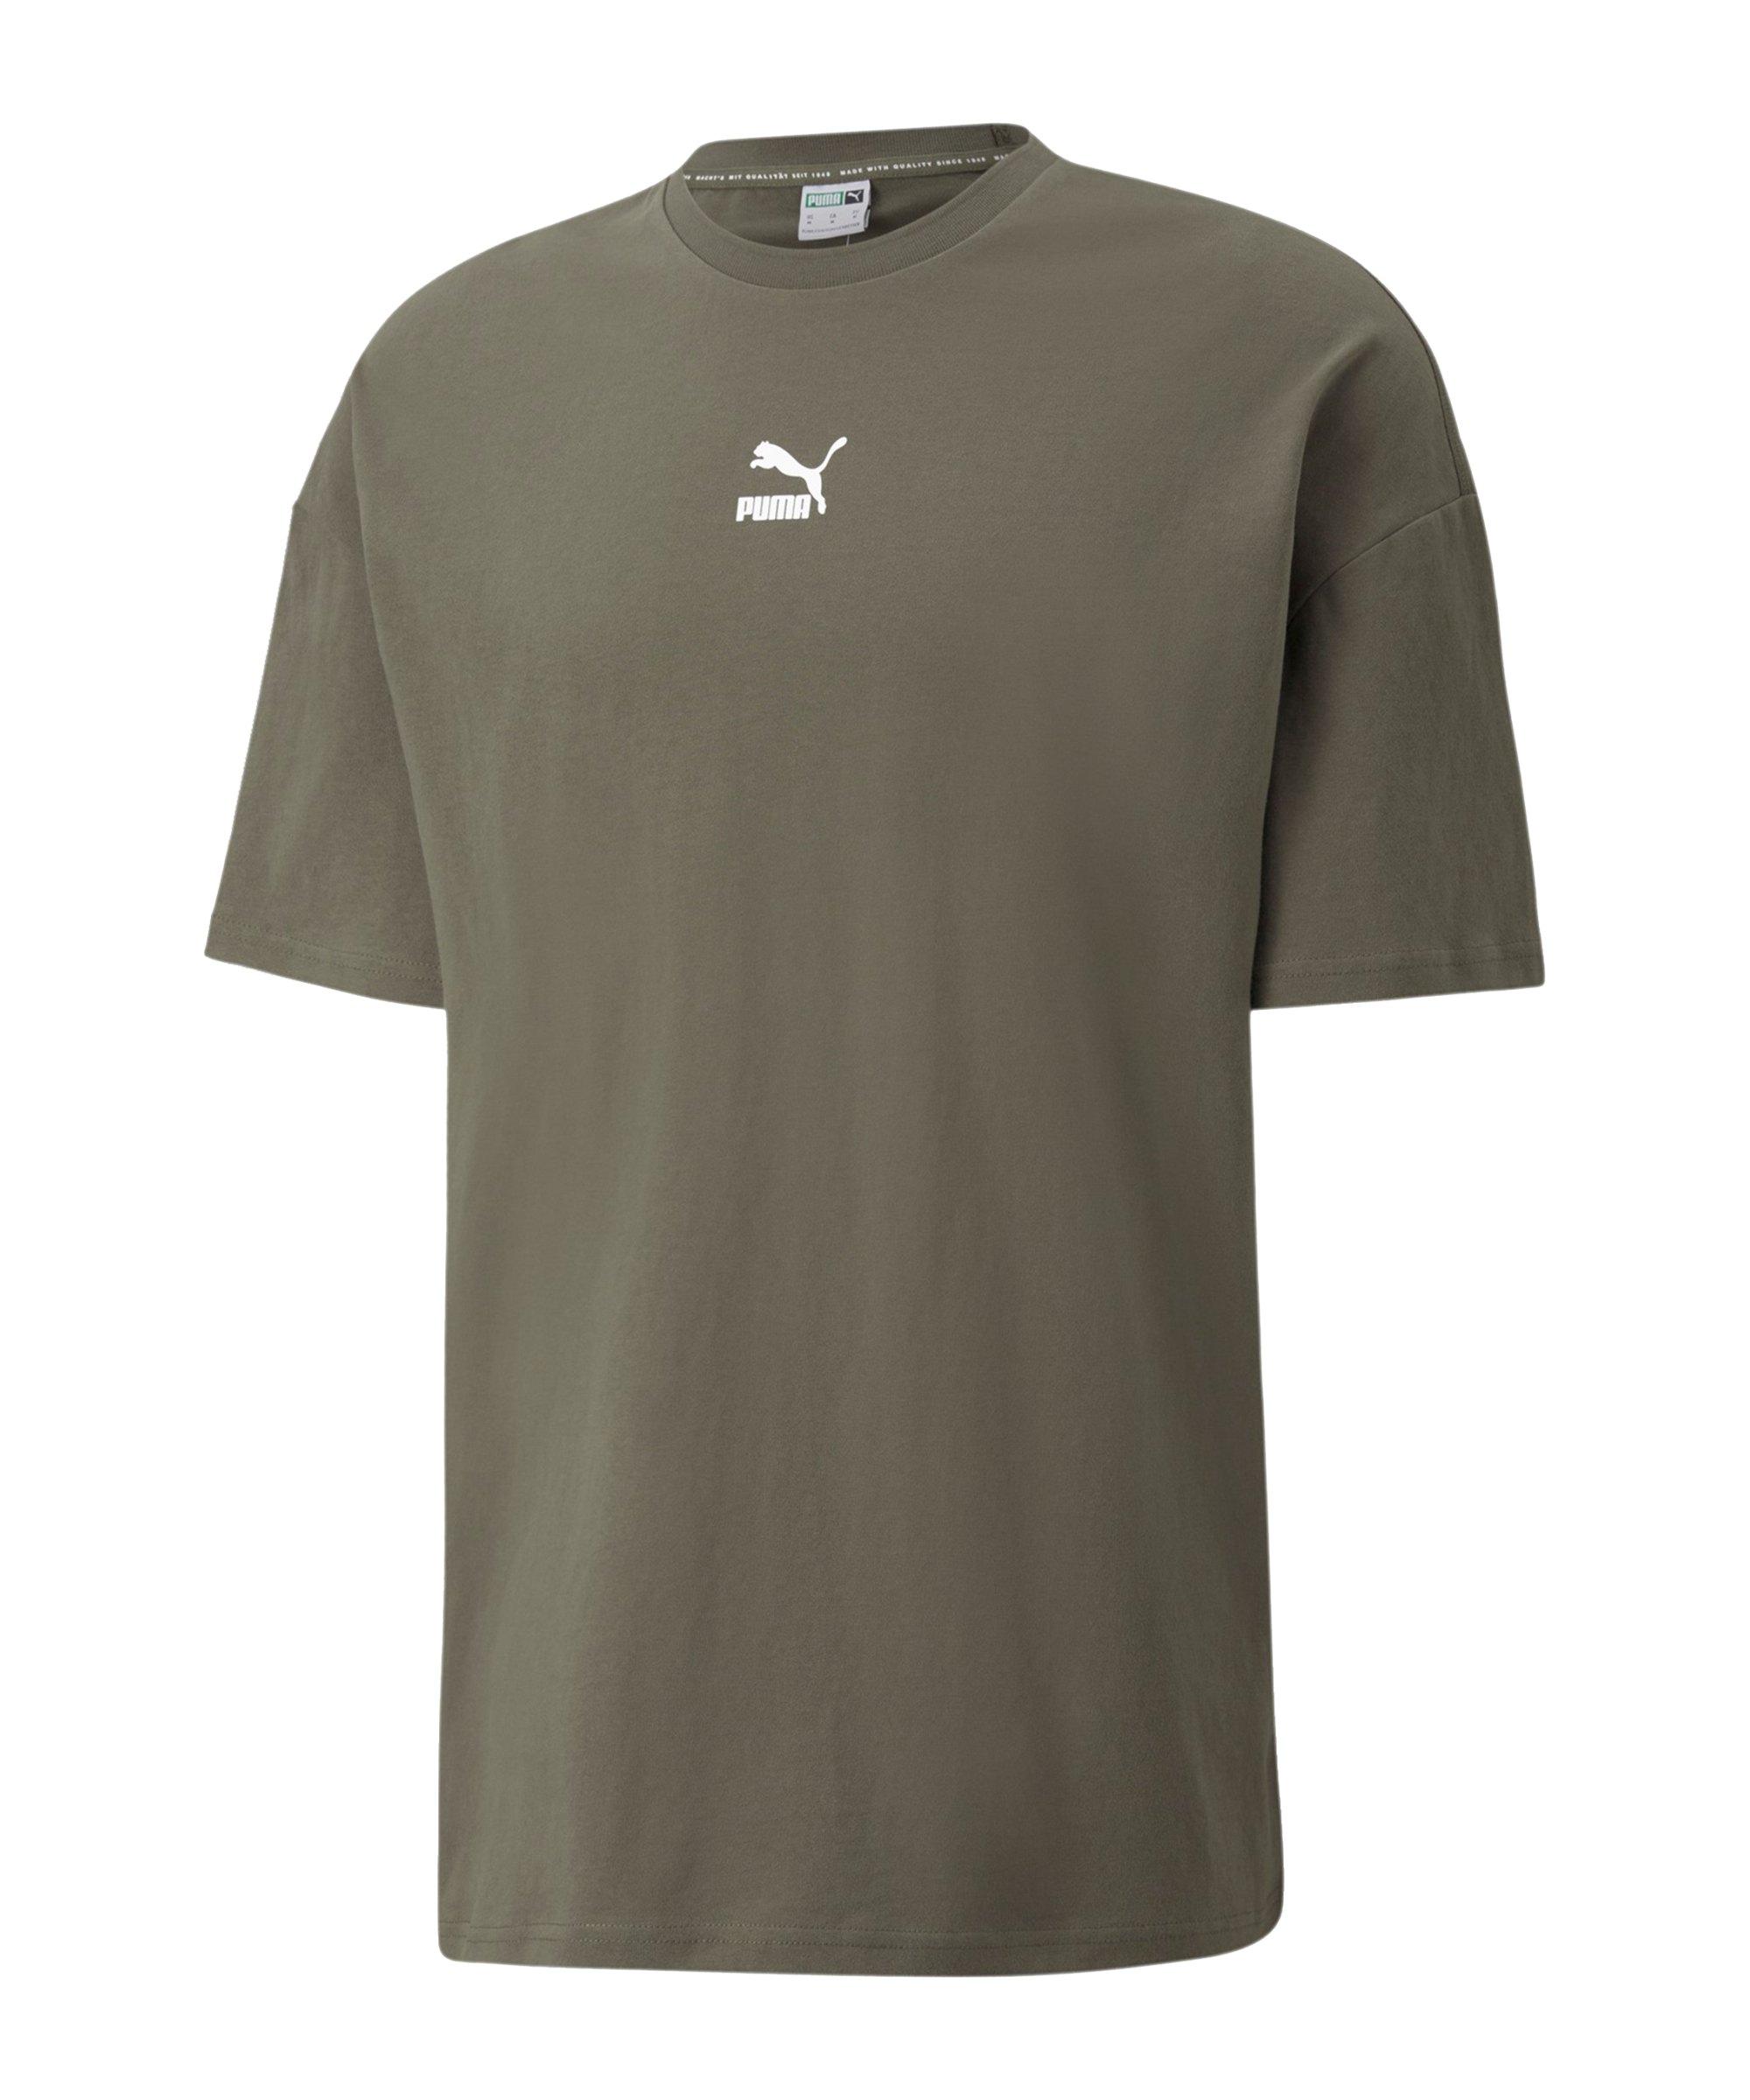 PUMA Classics Boxy T-Shirt Grün F44 - gruen